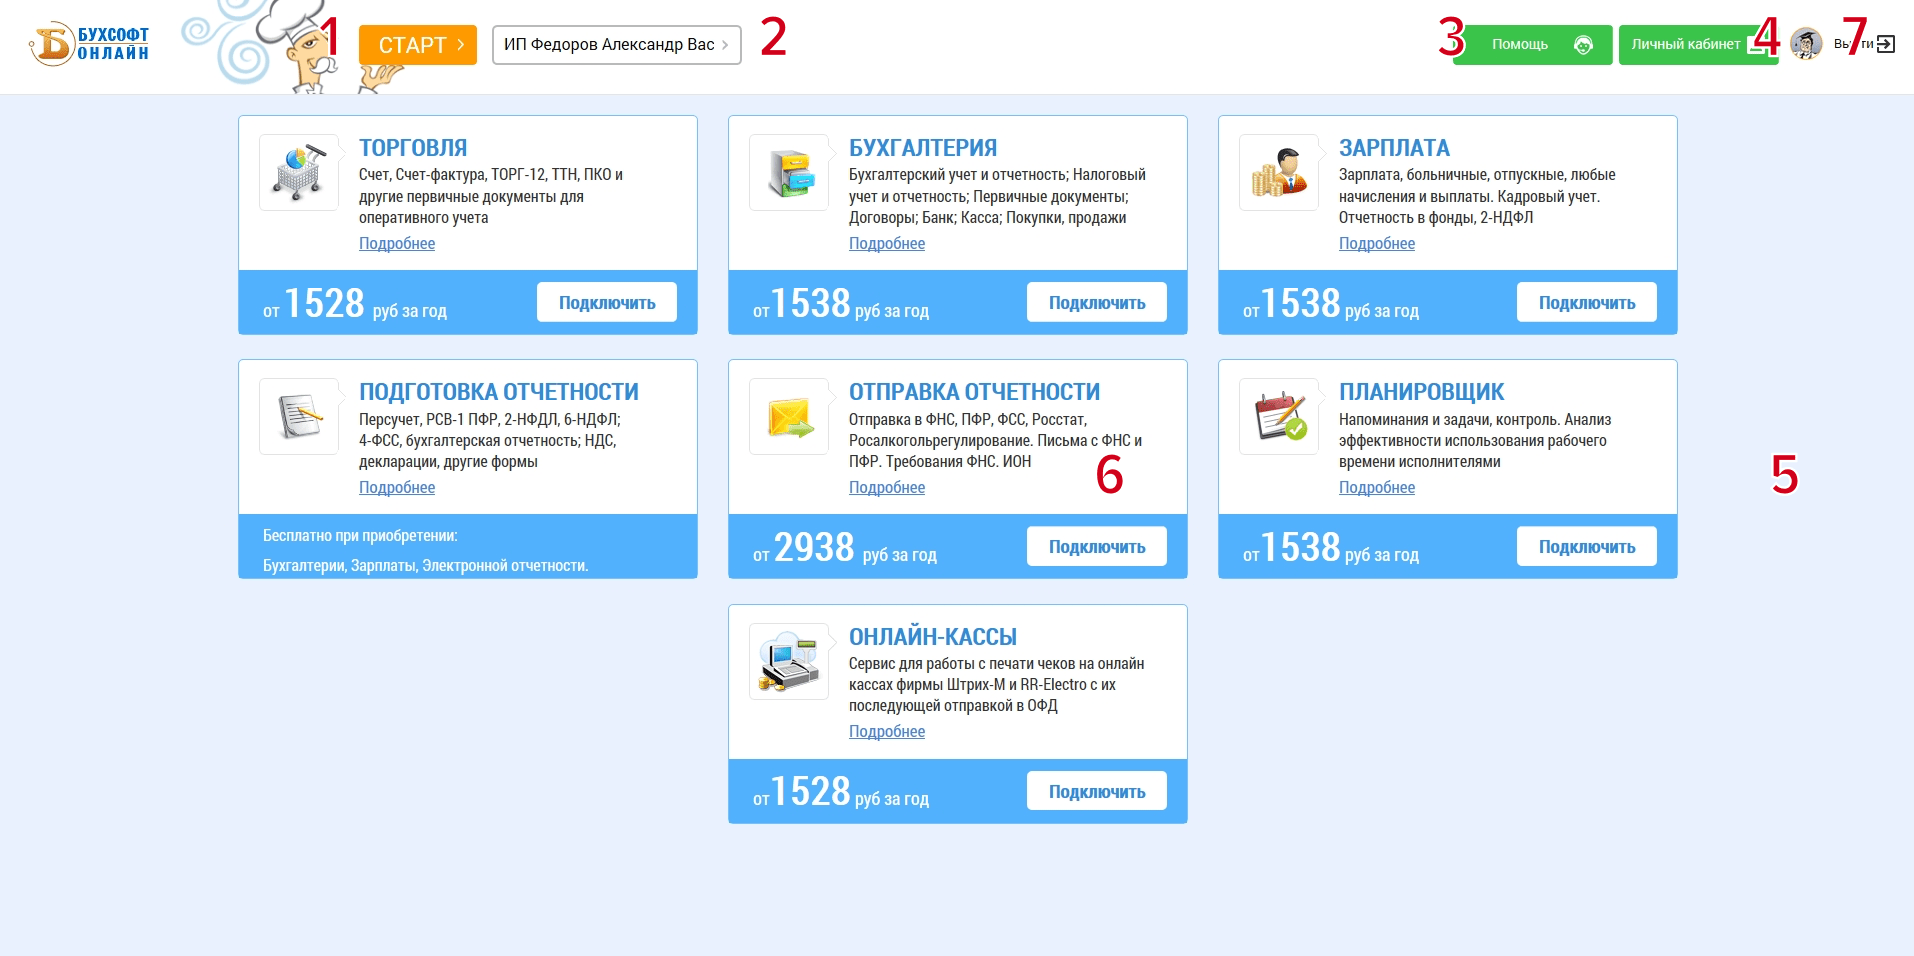 Характеристики Бухсофт Онлайн — инструкция по работе